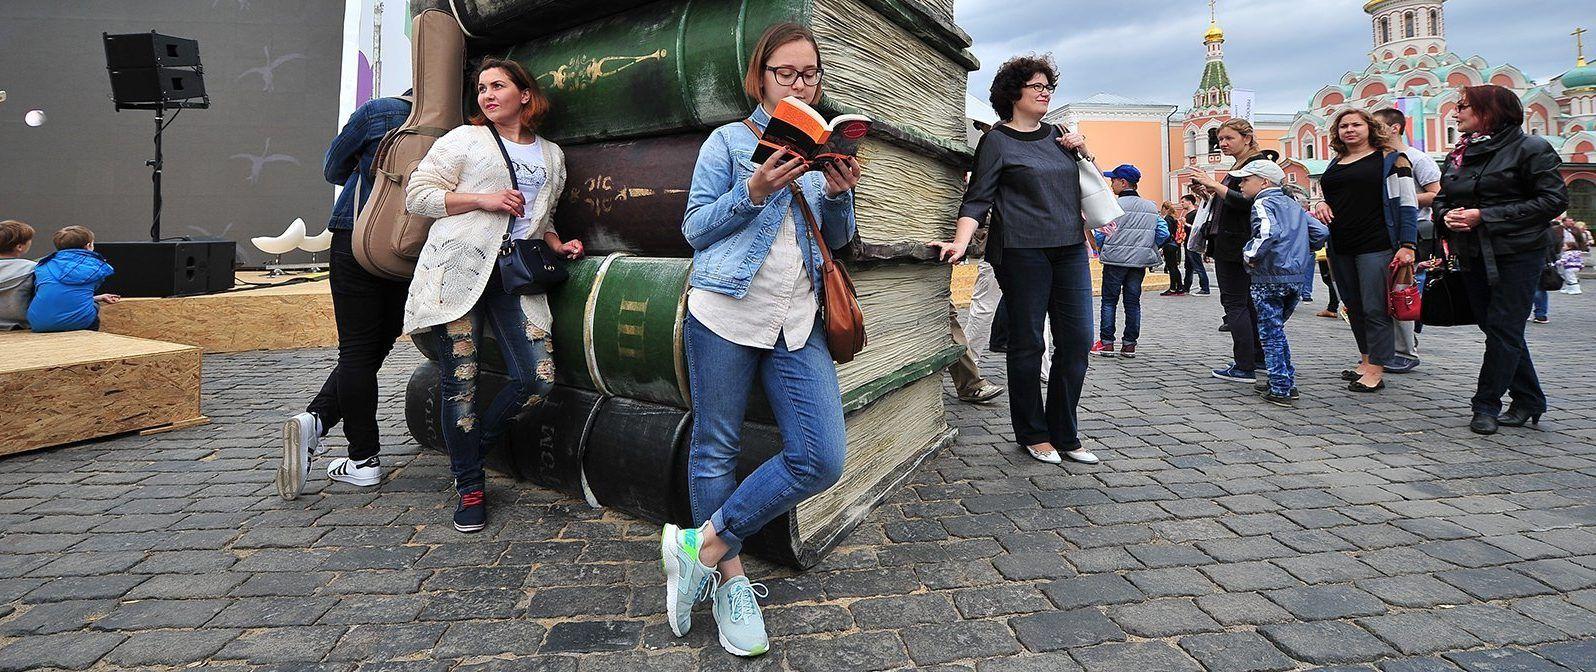 Депутат МГД Герасимов: Лицензирование экскурсоводов в Москве позитивно скажется на качестве экскурсий